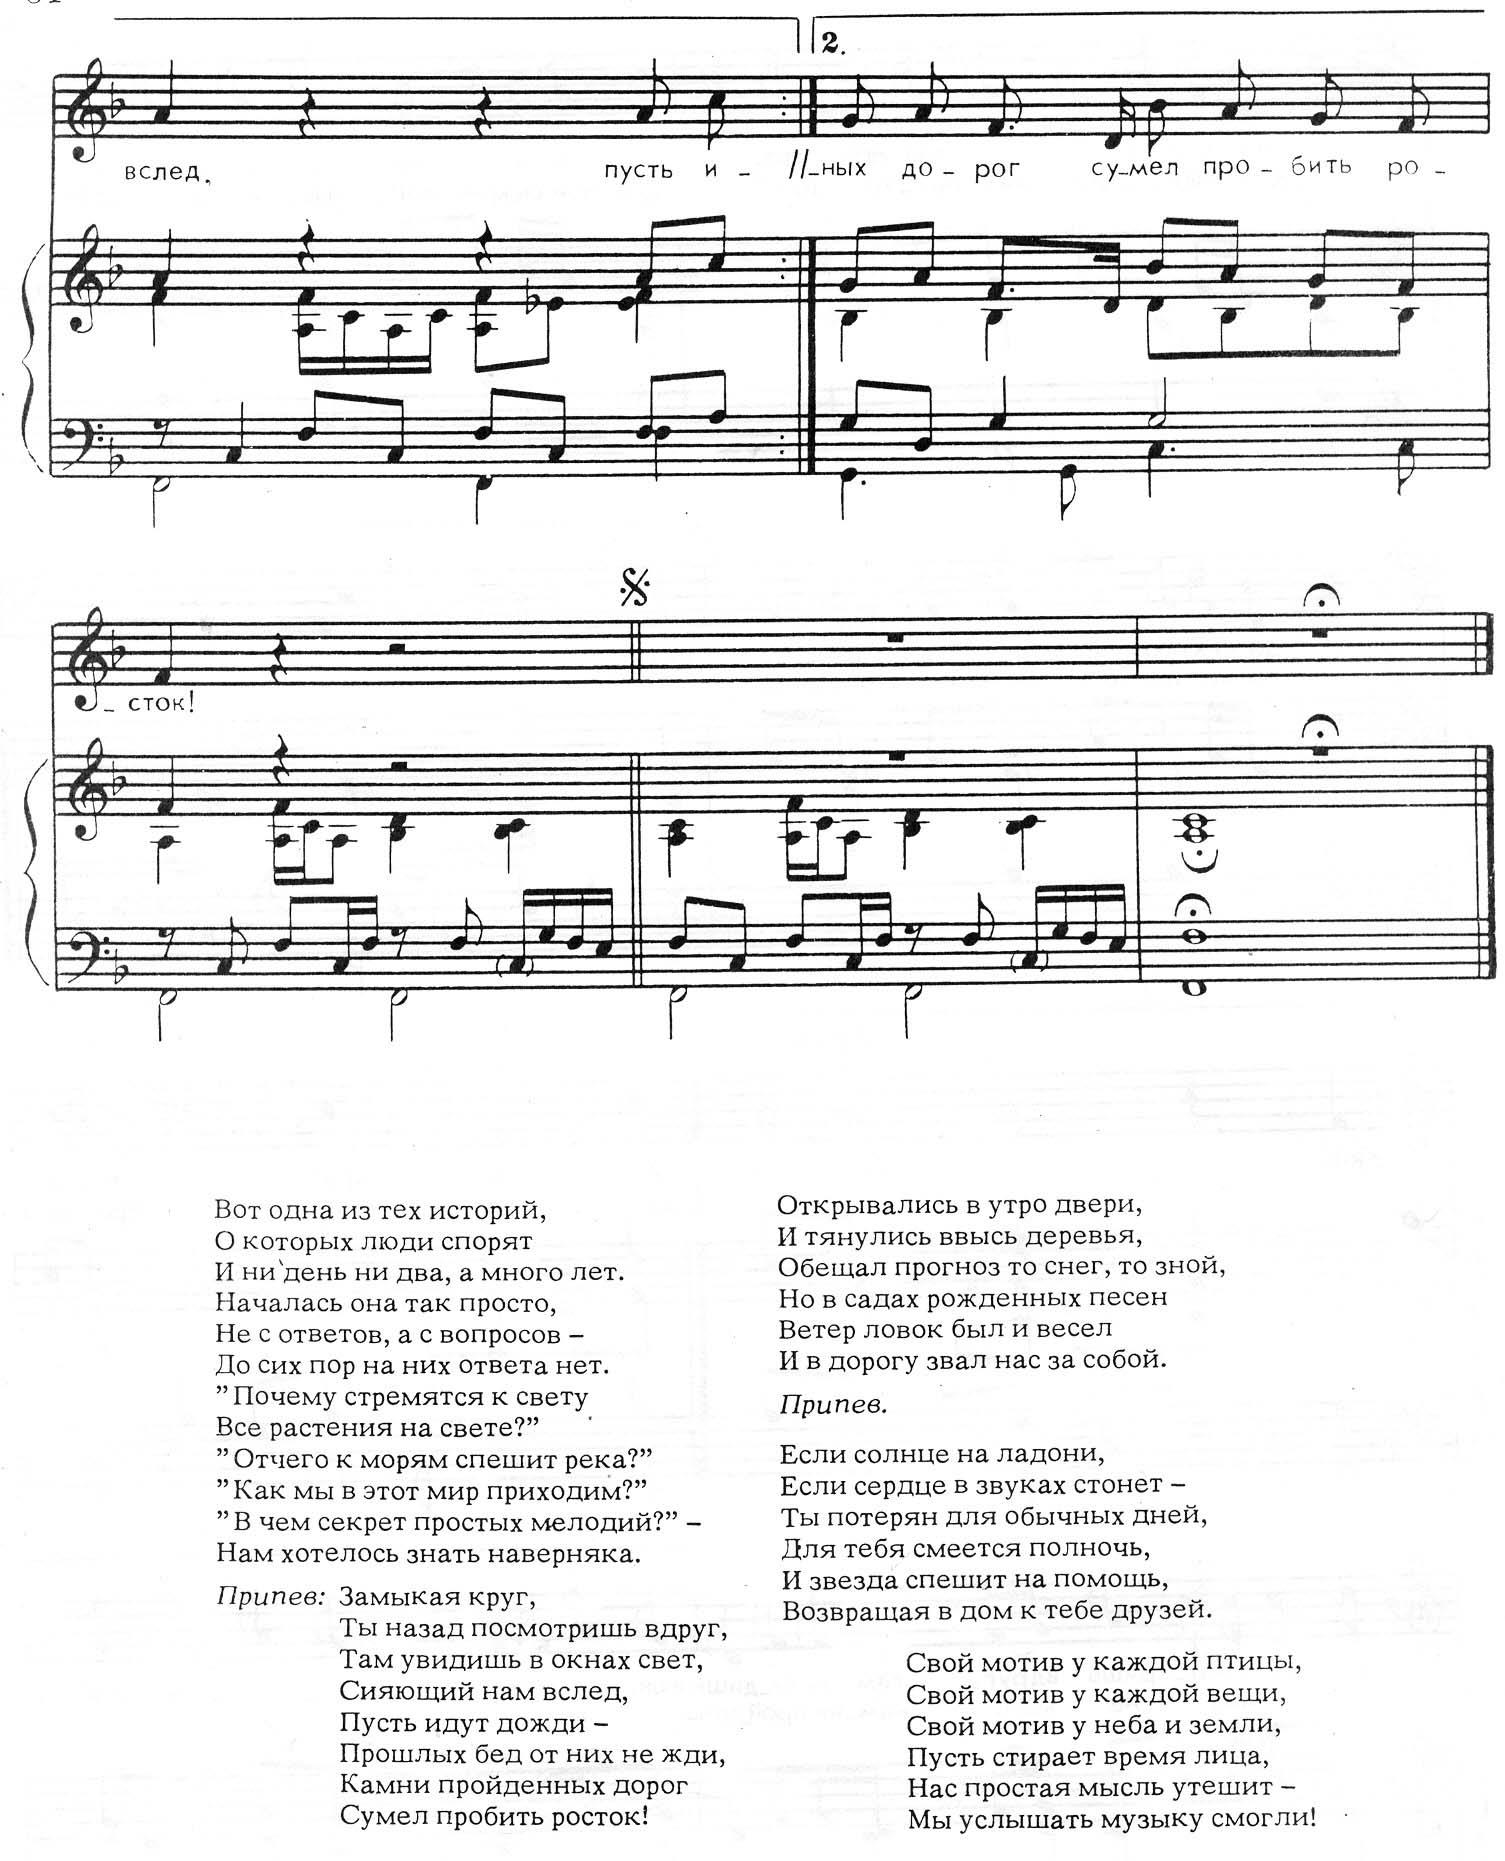 Стихи под музыку